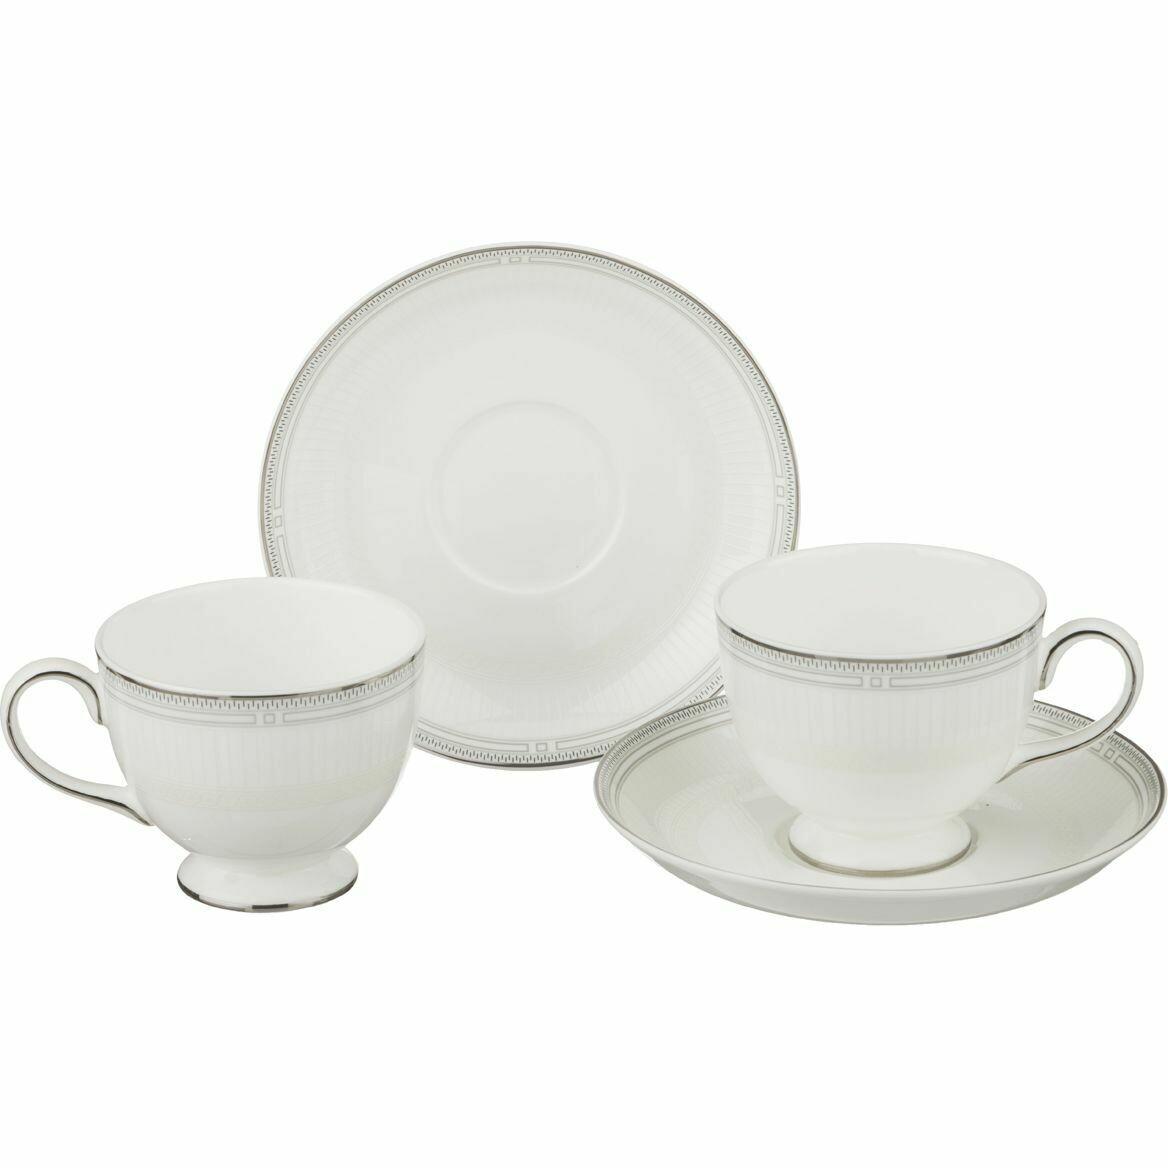 Чайный набор Грэй на 2 персоны 4пр. 250мл 22-108